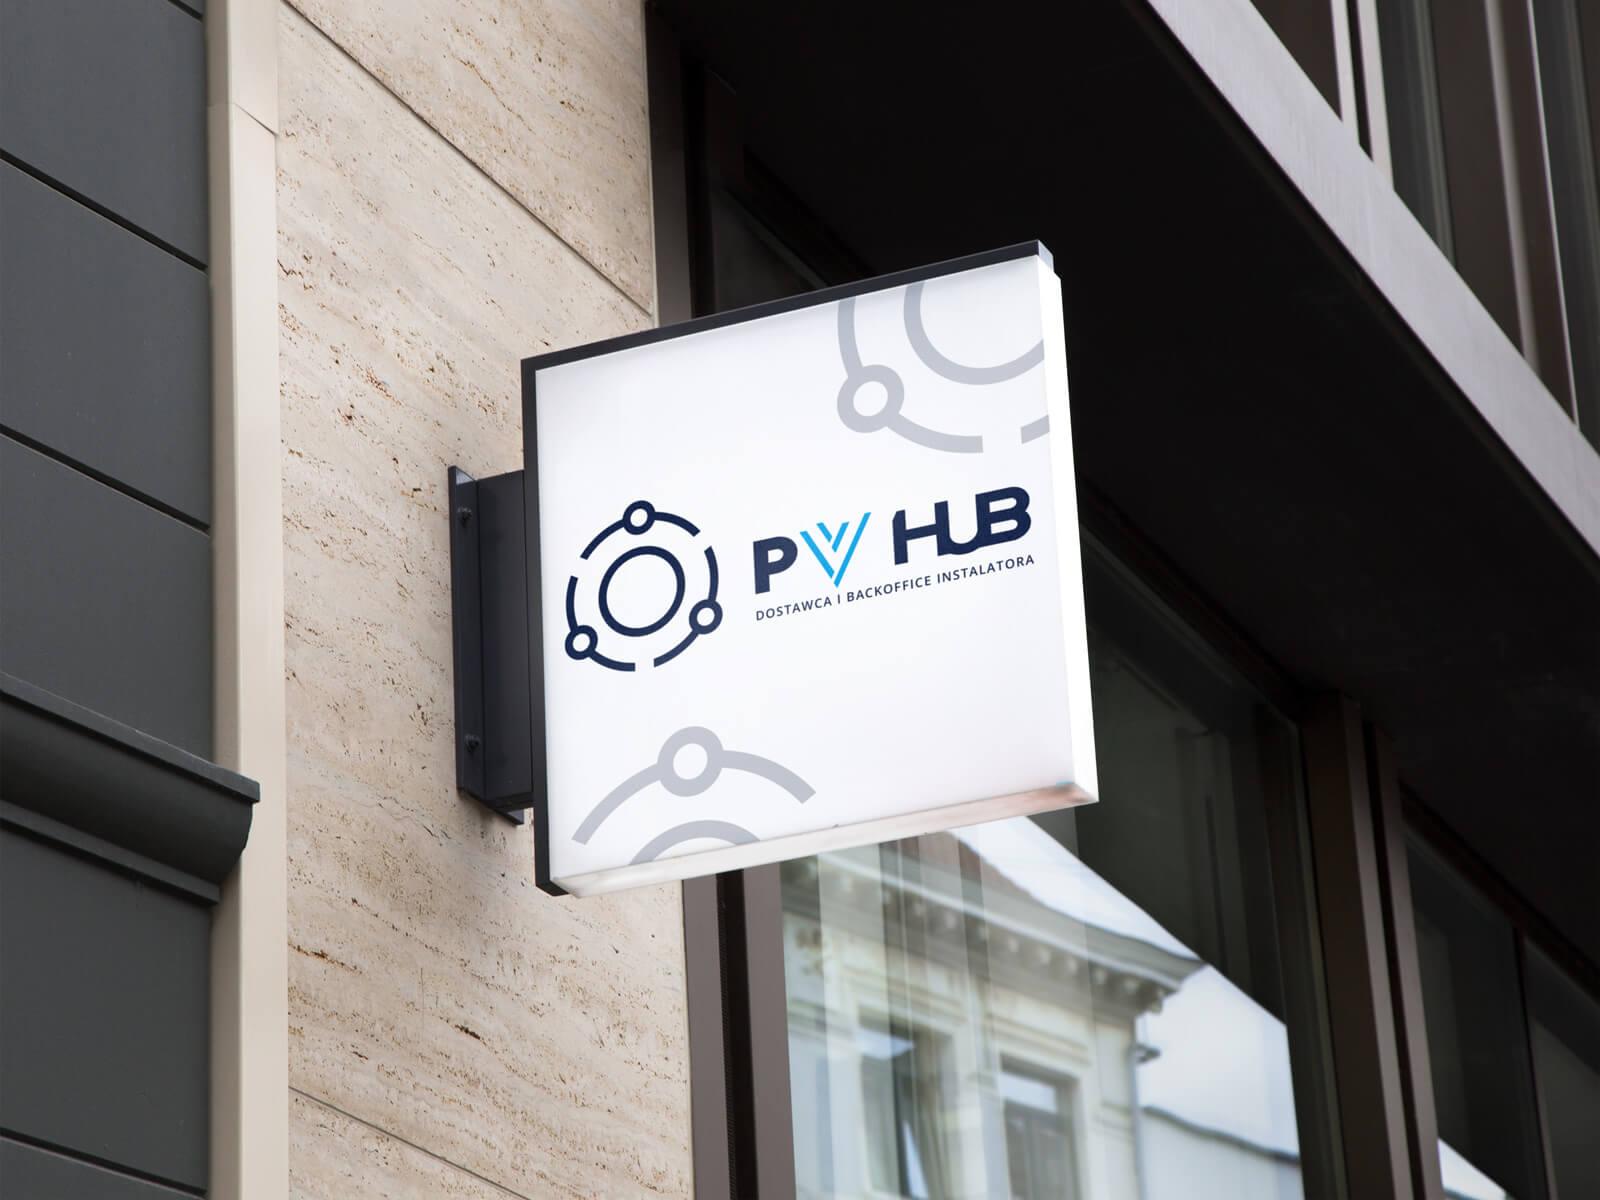 Projekt logo dla PVhub - dostawca i backoffice instalatora fotowoltaiki - wizualizacja na kasetonie semaforowym na elewacji budynku